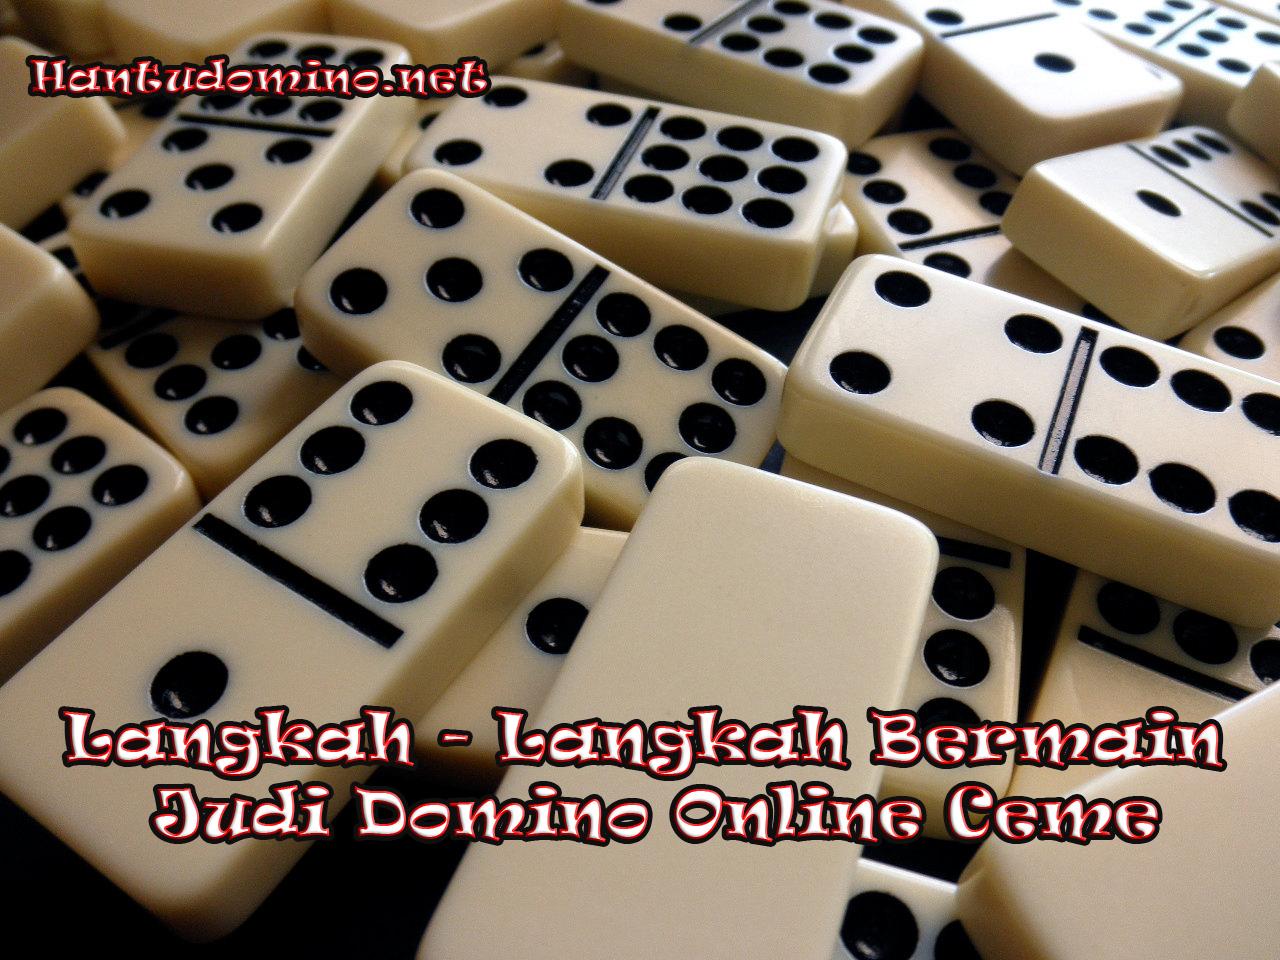 Langkah - Langkah Bermain Judi Domino Online Ceme